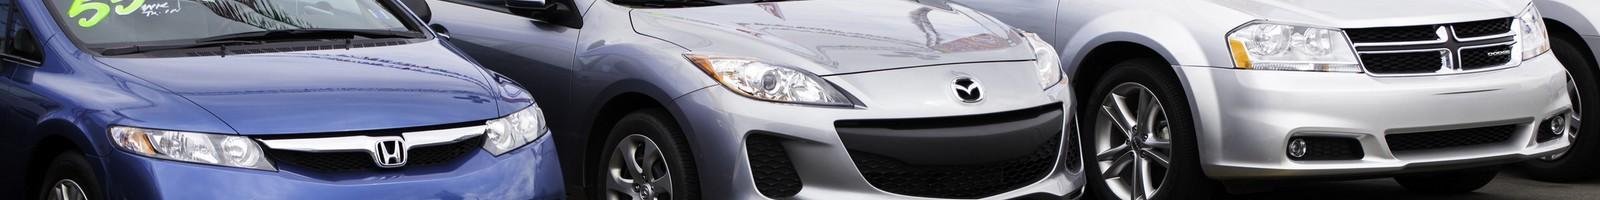 La surabondance des véhicules d'occasion sur le marché canadien incite les concessionnaires à changer de stratégie